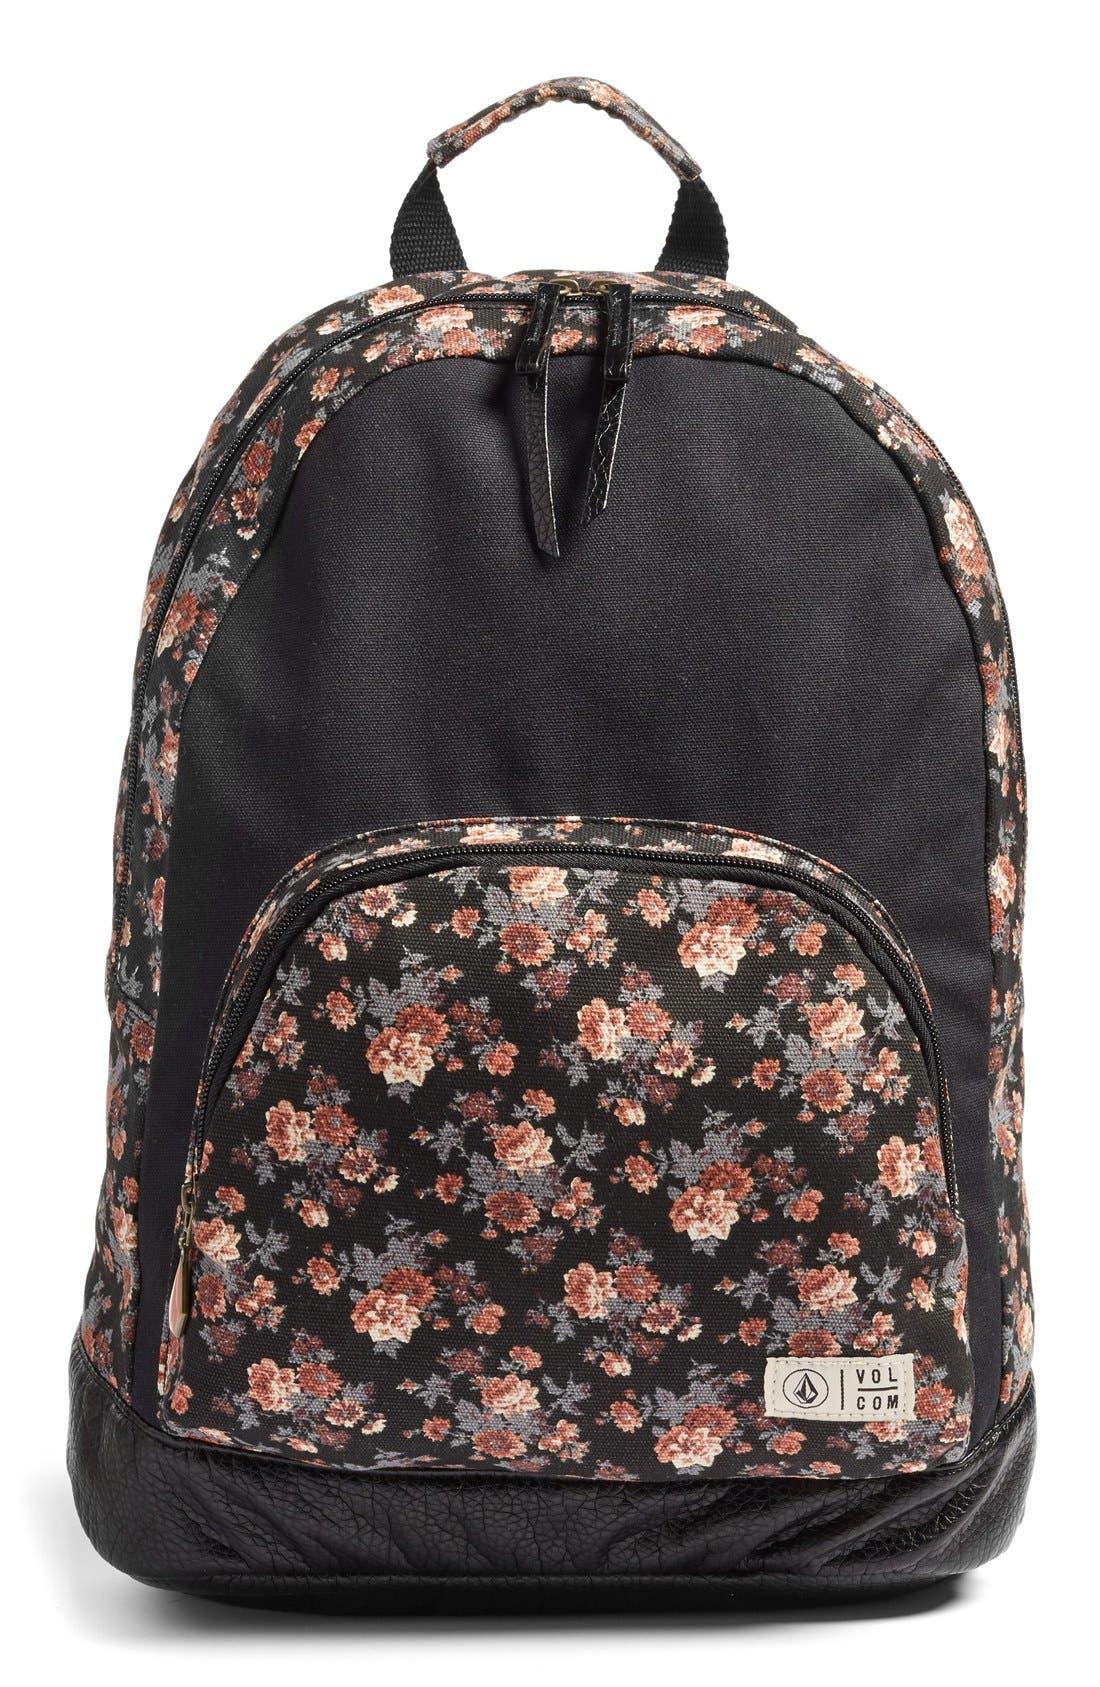 Alternate Image 1 Selected - Volcom 'Leaf Me Alone' Floral Print Backpack